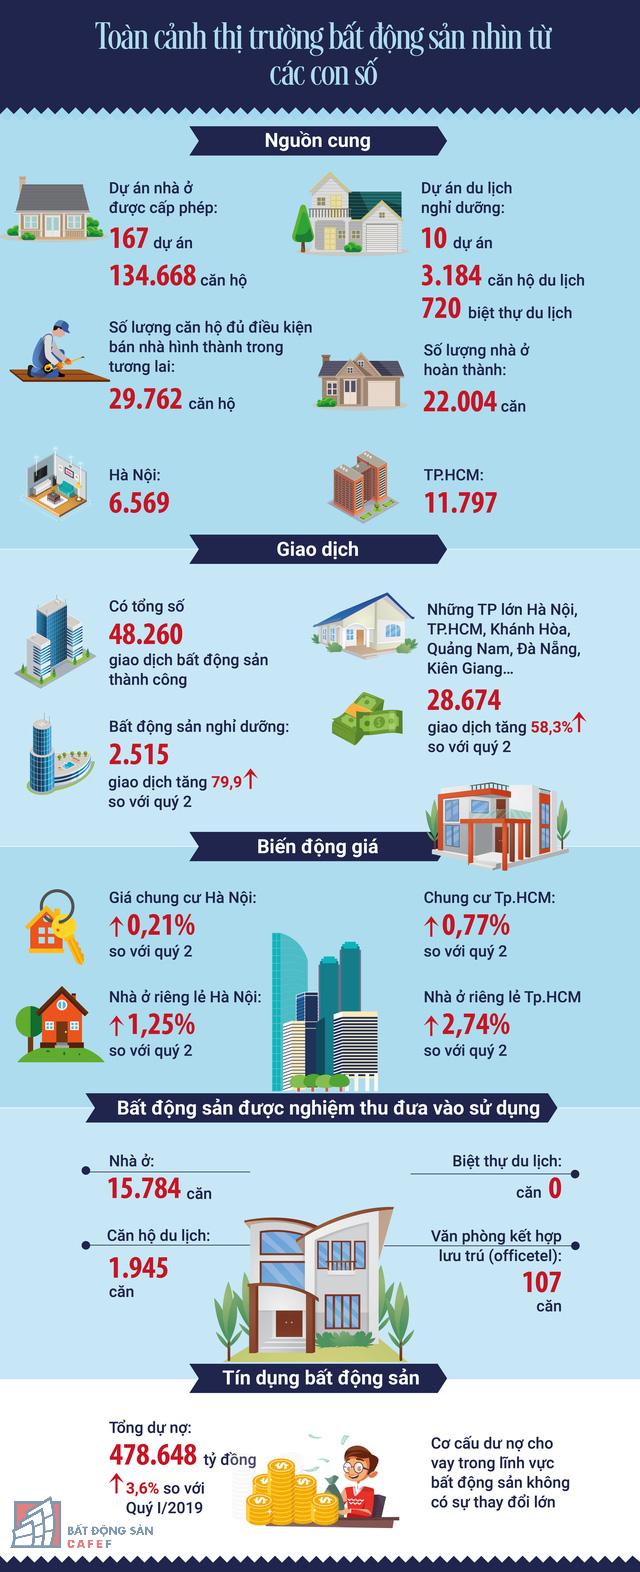 Toàn cảnh thị trường bất động sản nhìn từ các con số - Ảnh 1.